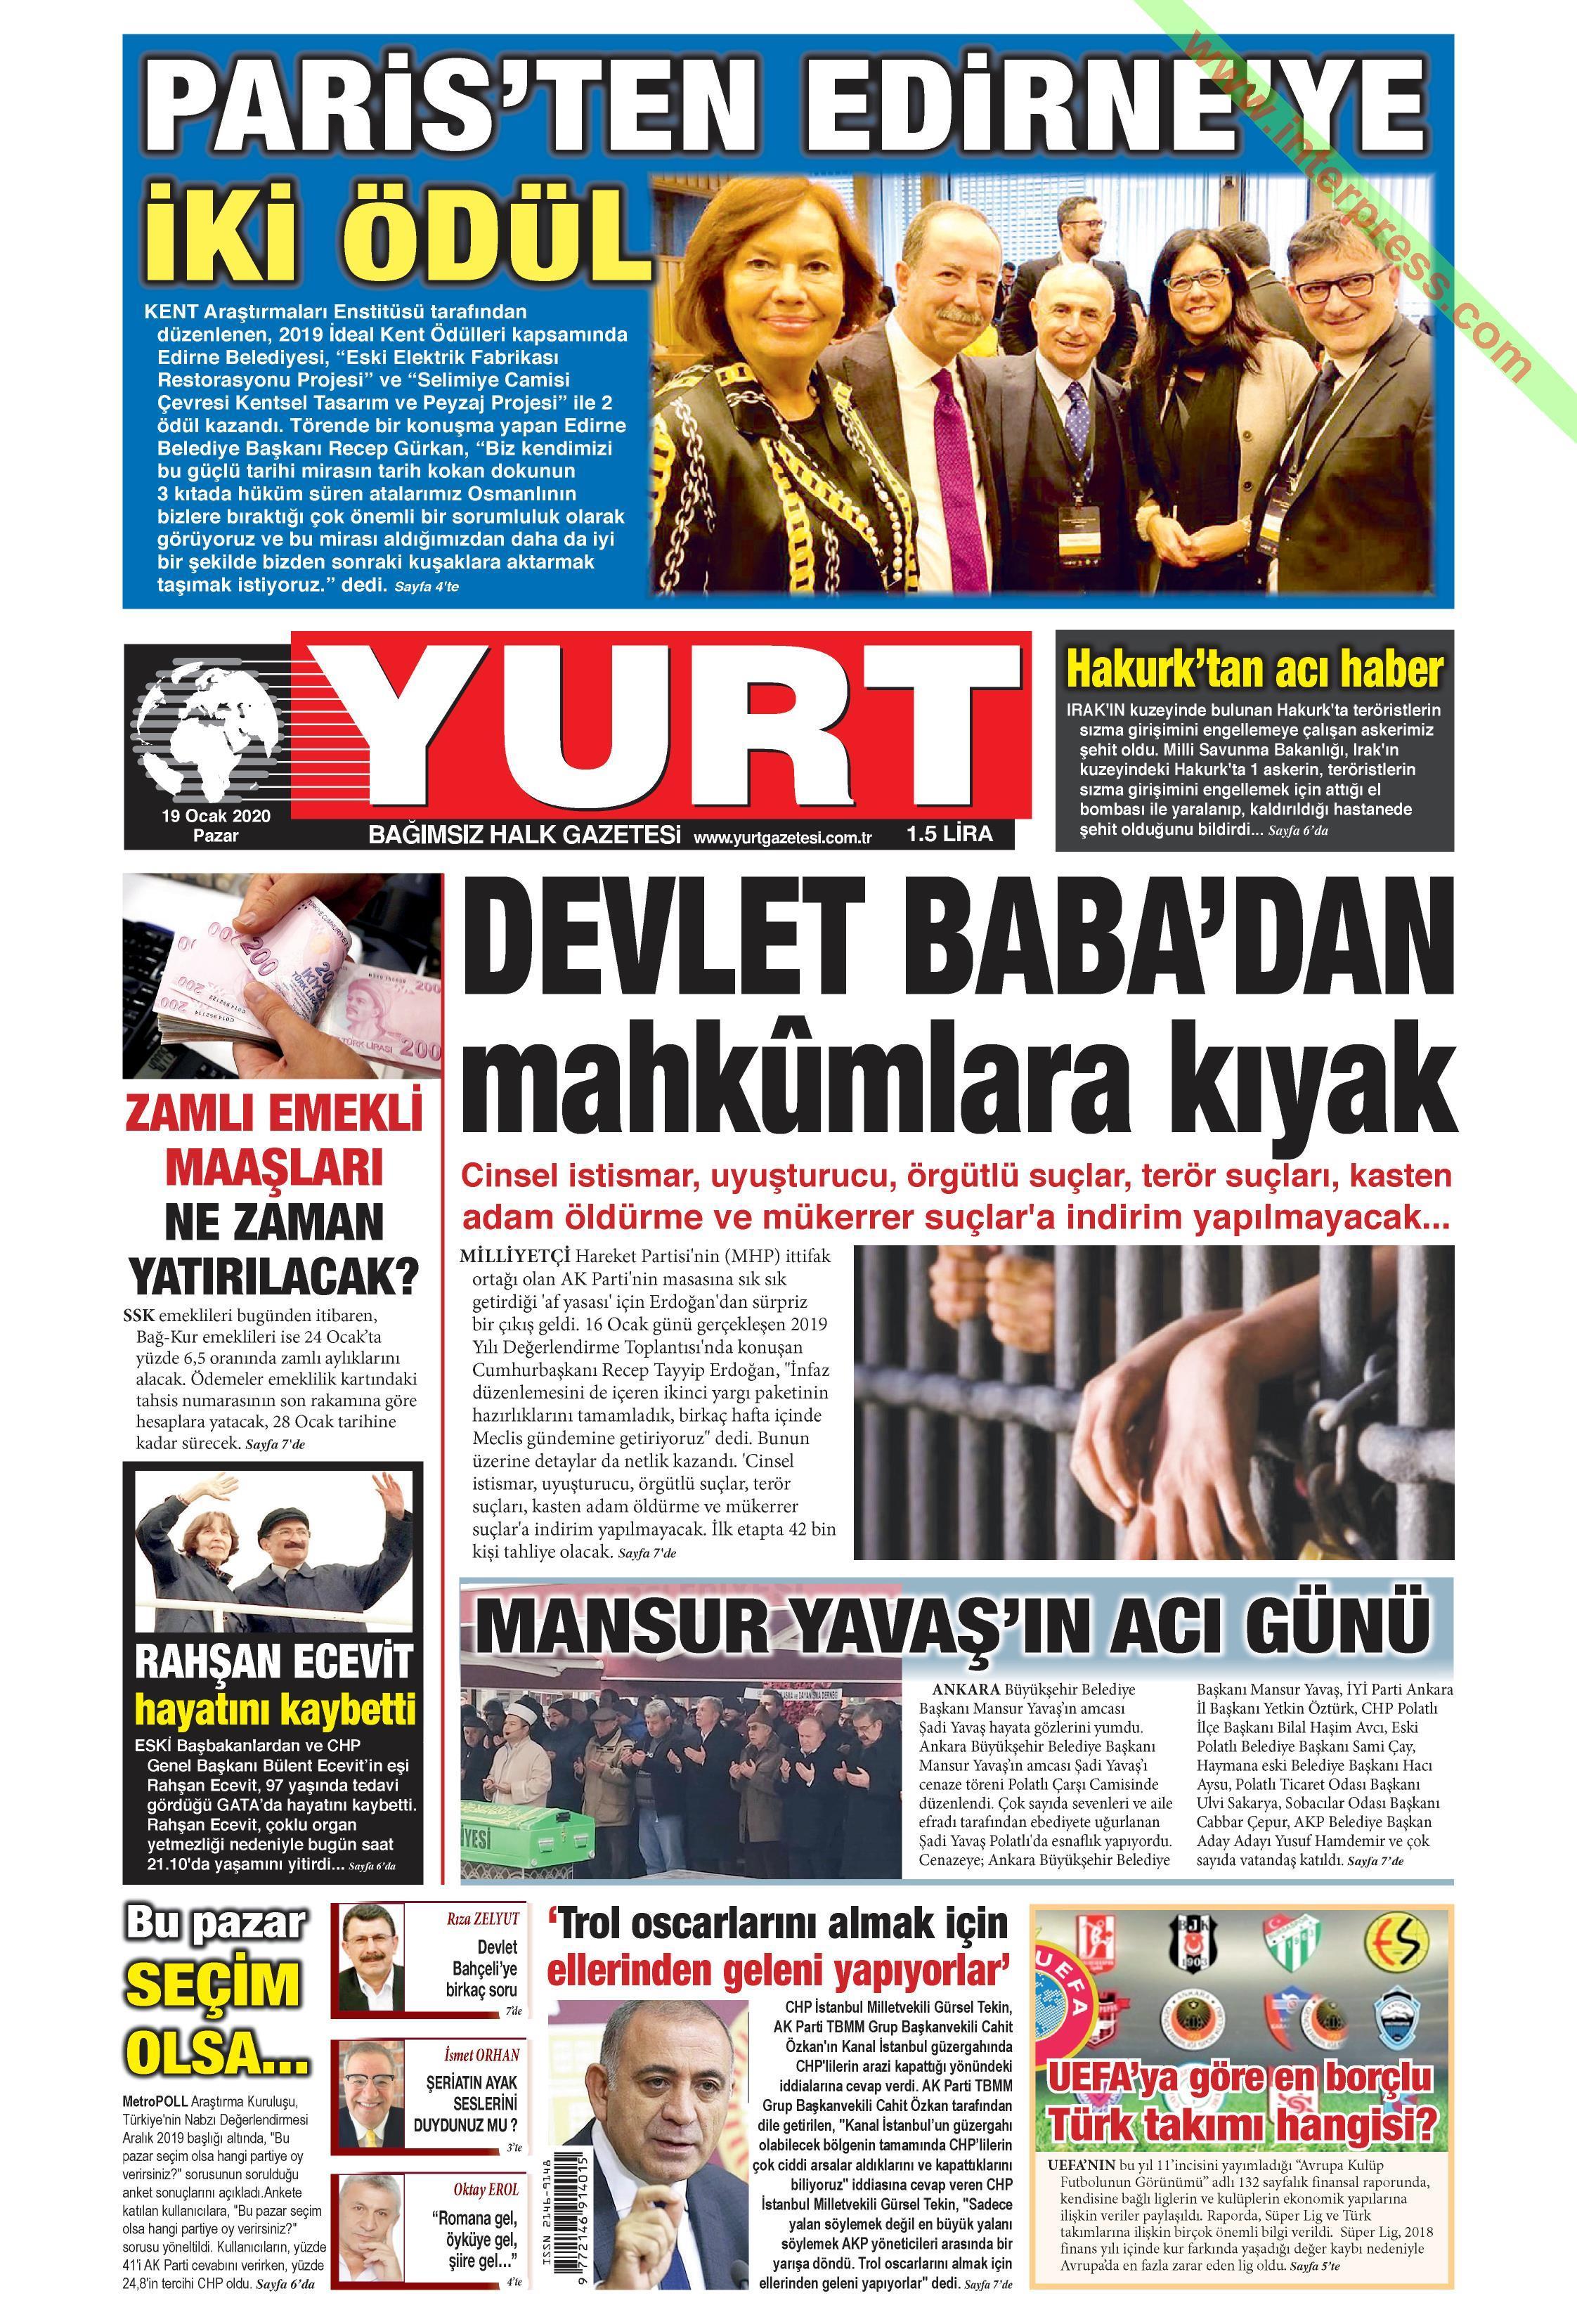 Yurt gazetesi manşet ilk sayfa oku